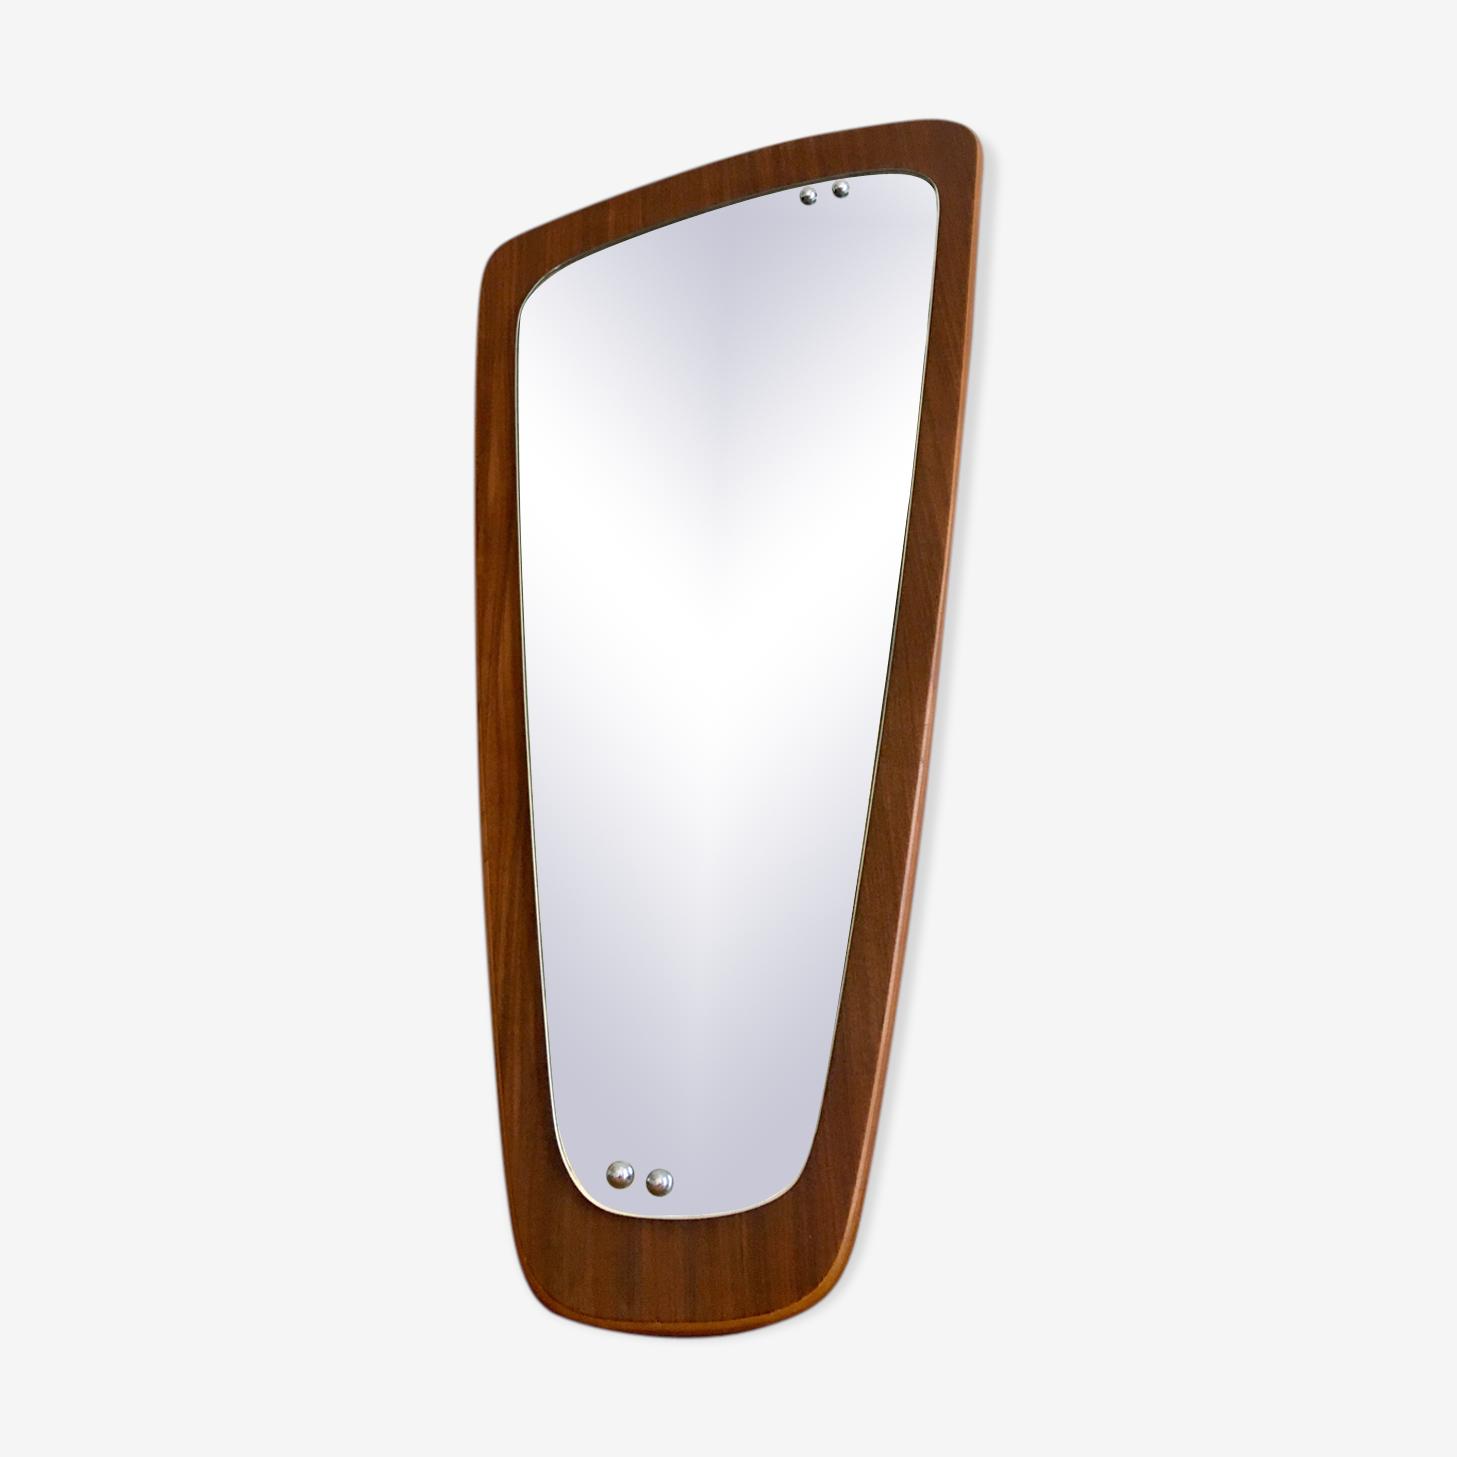 Miroir asymétrique scandinave 77x37cm